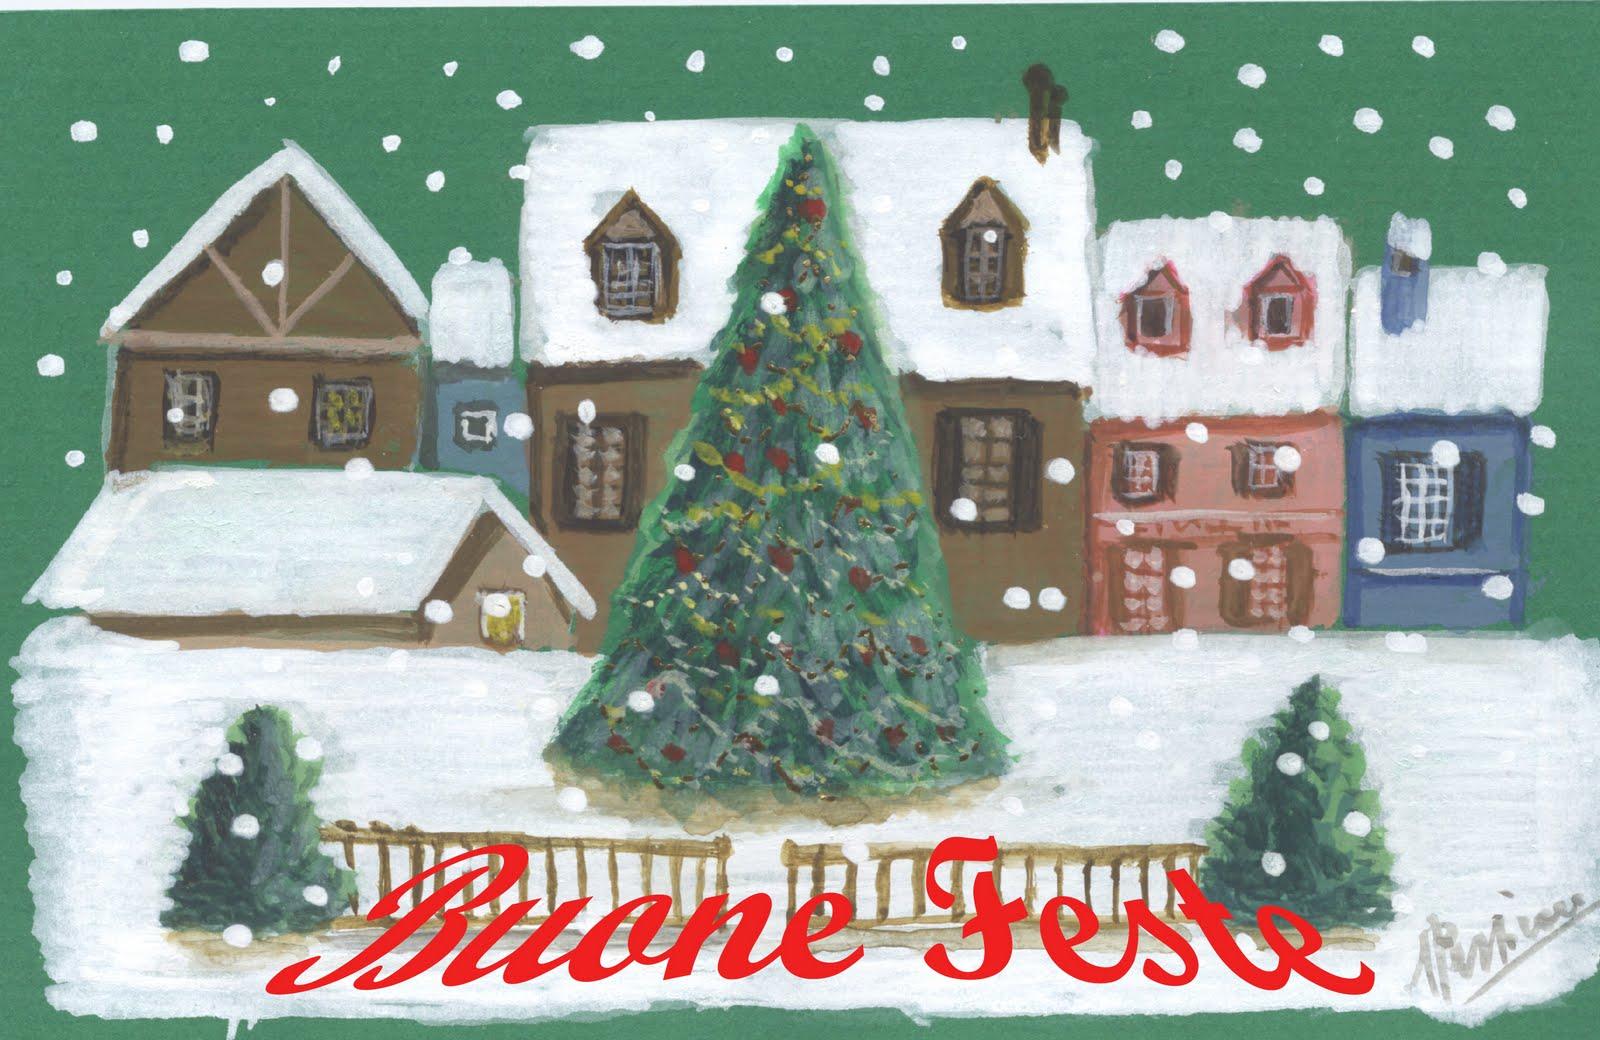 Dipingere Sassi Per Natale strafanicci: 2010